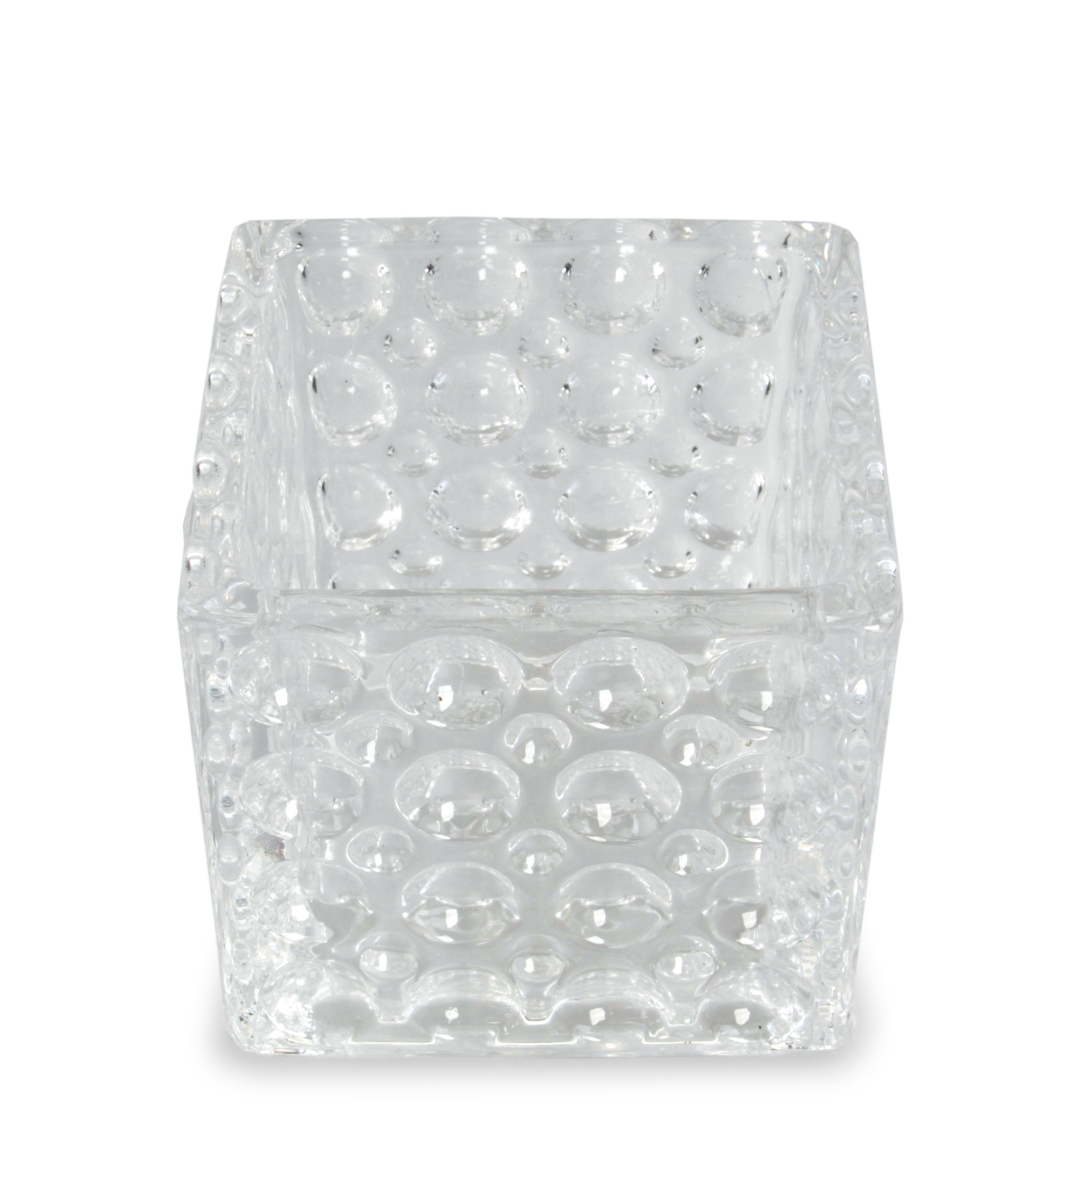 Skleněný svícen s reliéfním povrchem š 8,5 x h 8,5 x v 8 cm